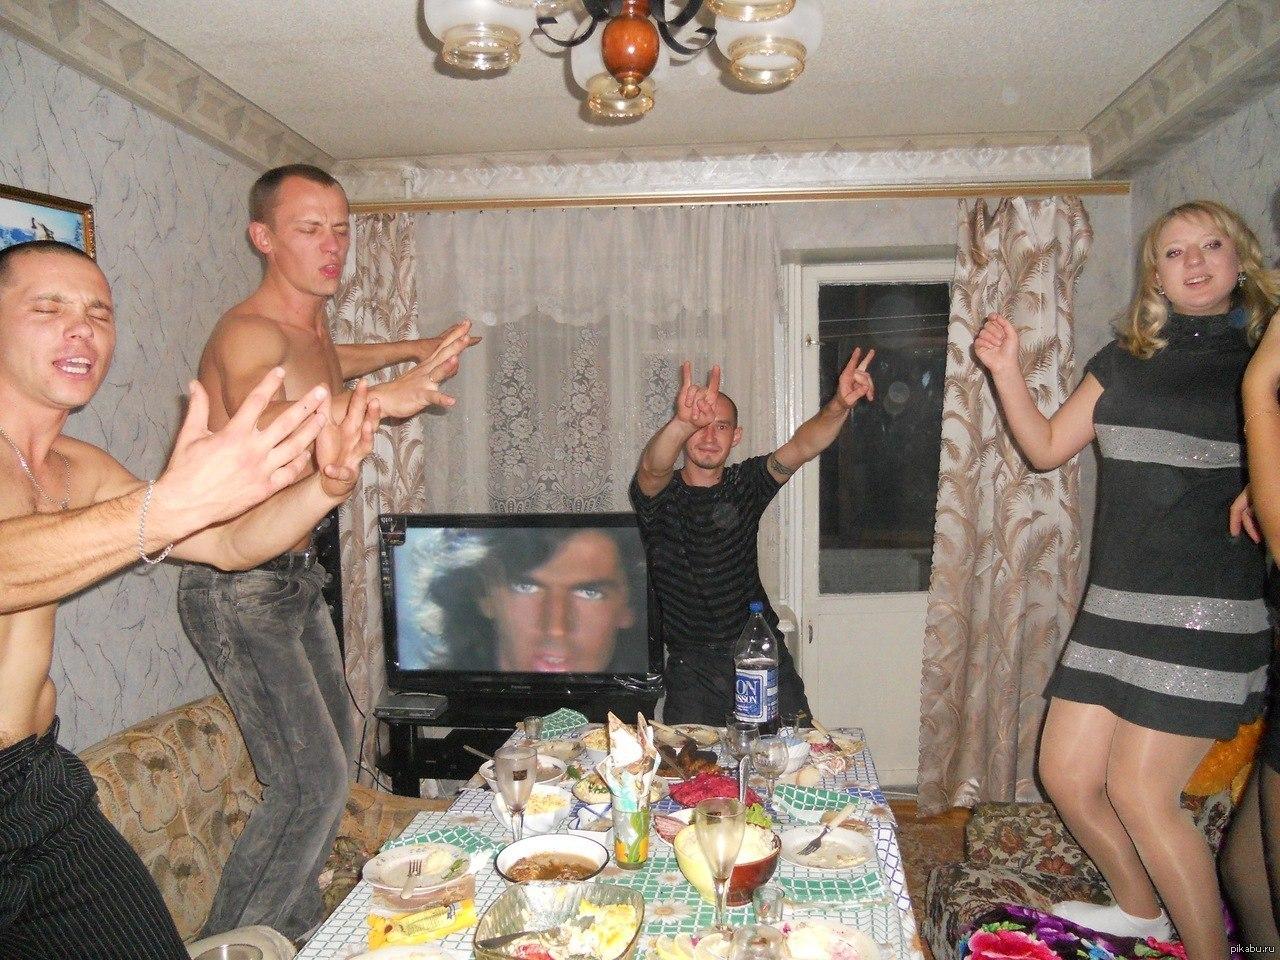 Русскую пьяную ебут друзья, ебем с друзьями пьяную жену русское скачать, порно 13 фотография